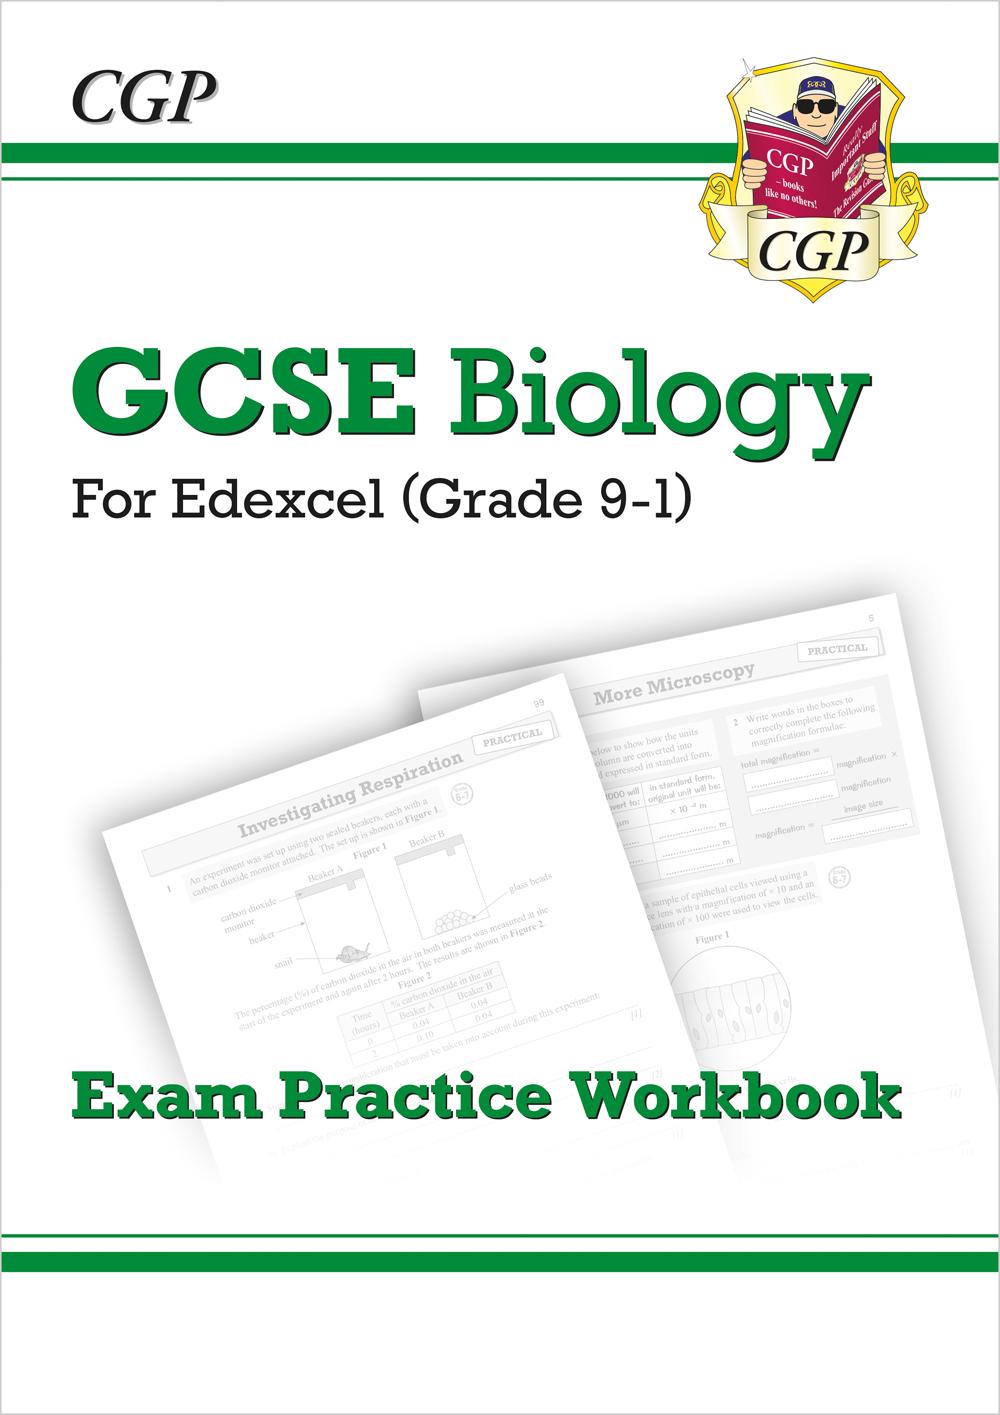 Grade 9-1 GCSE Biology: Edexcel Exam Practice Workbook